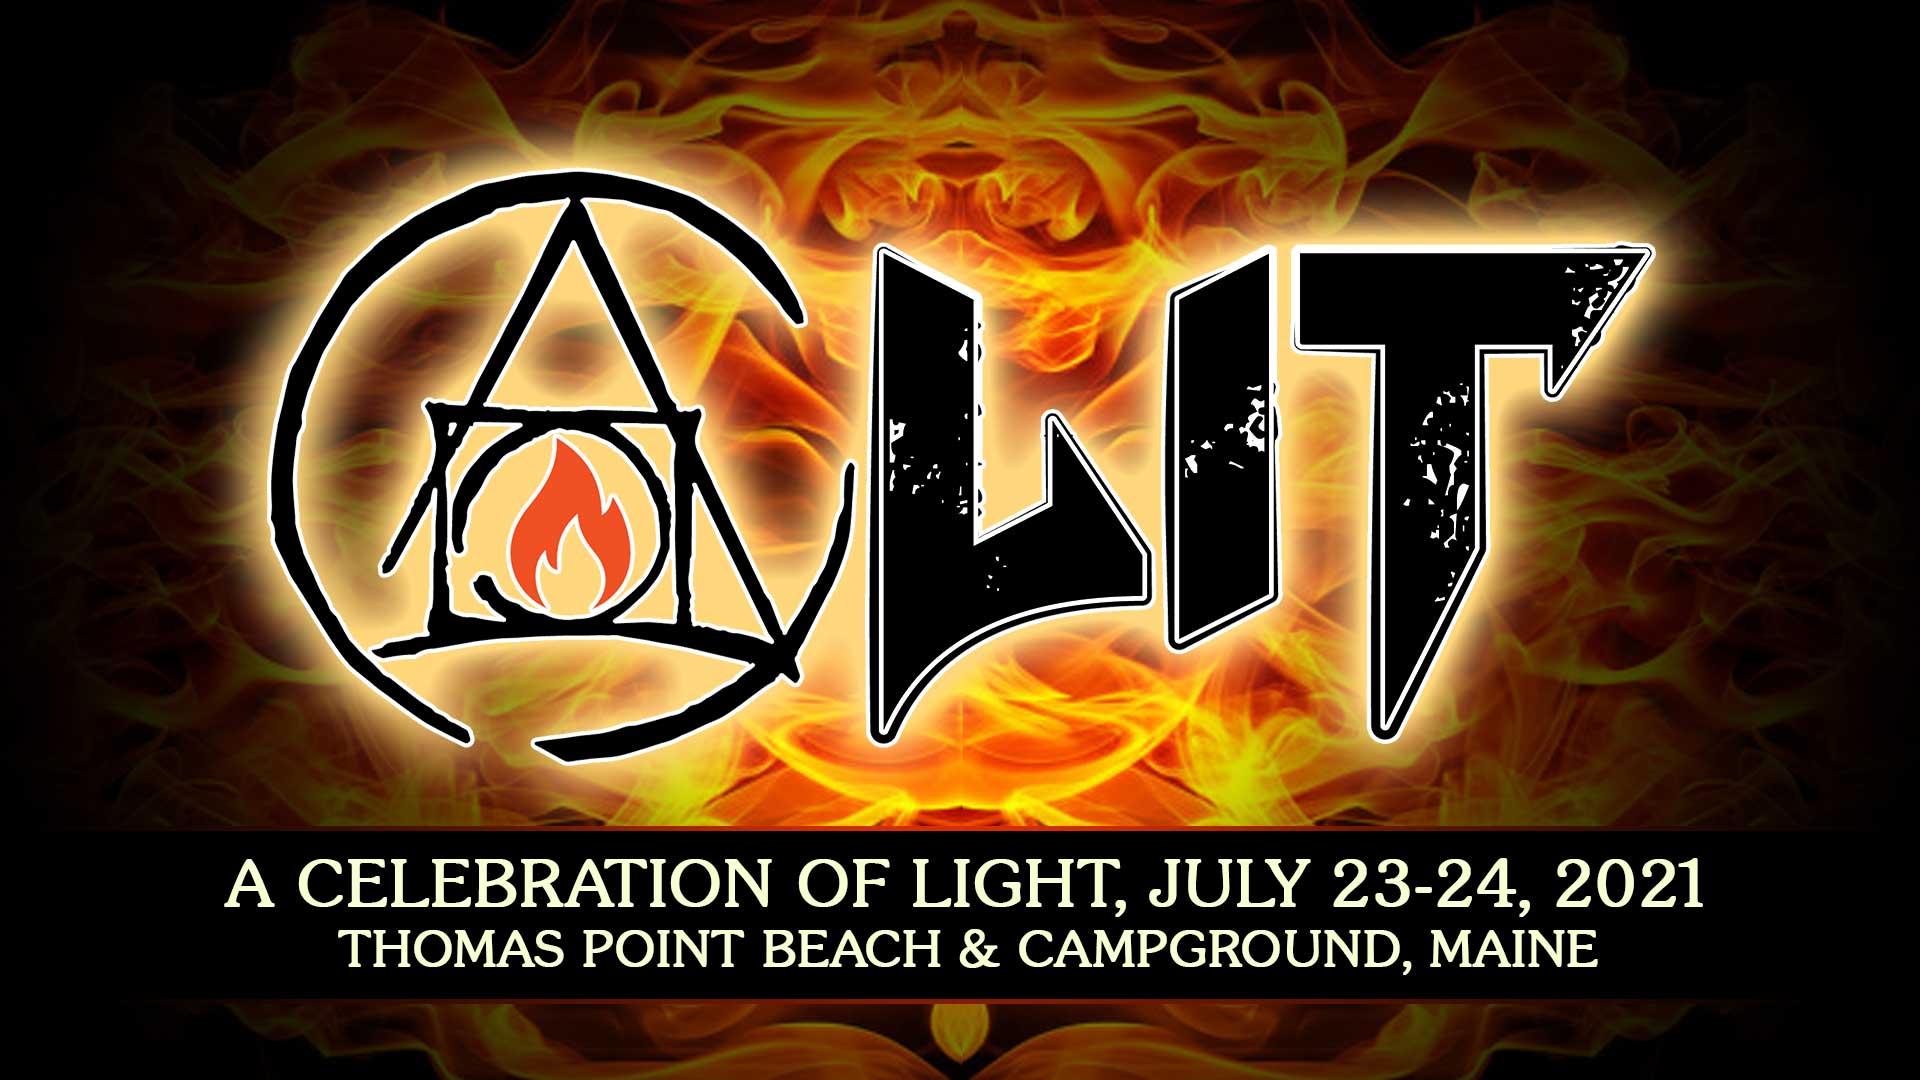 Lit a Celebration of Light